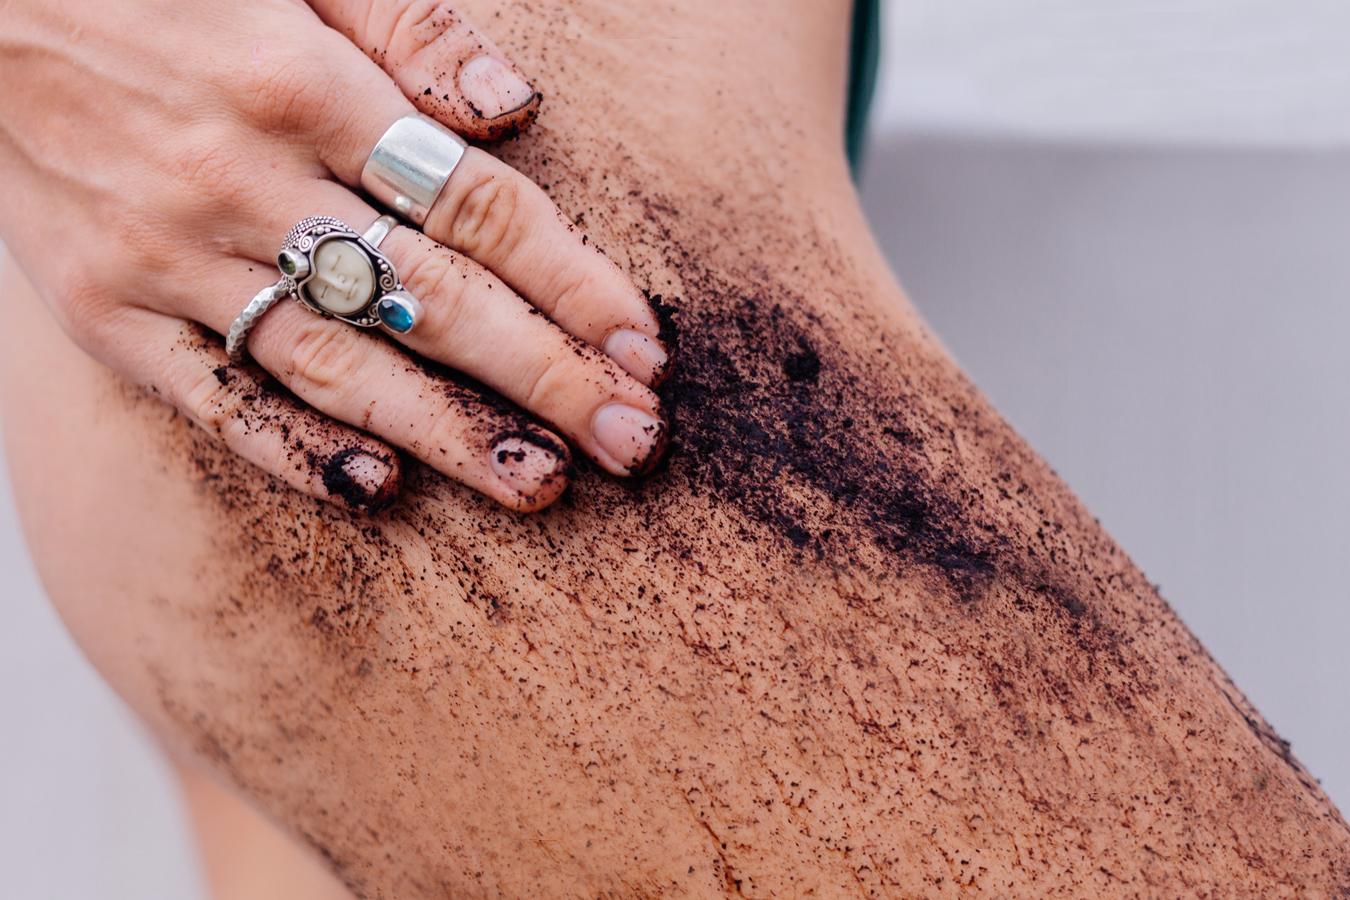 femme s'appliquant un gommage corporel